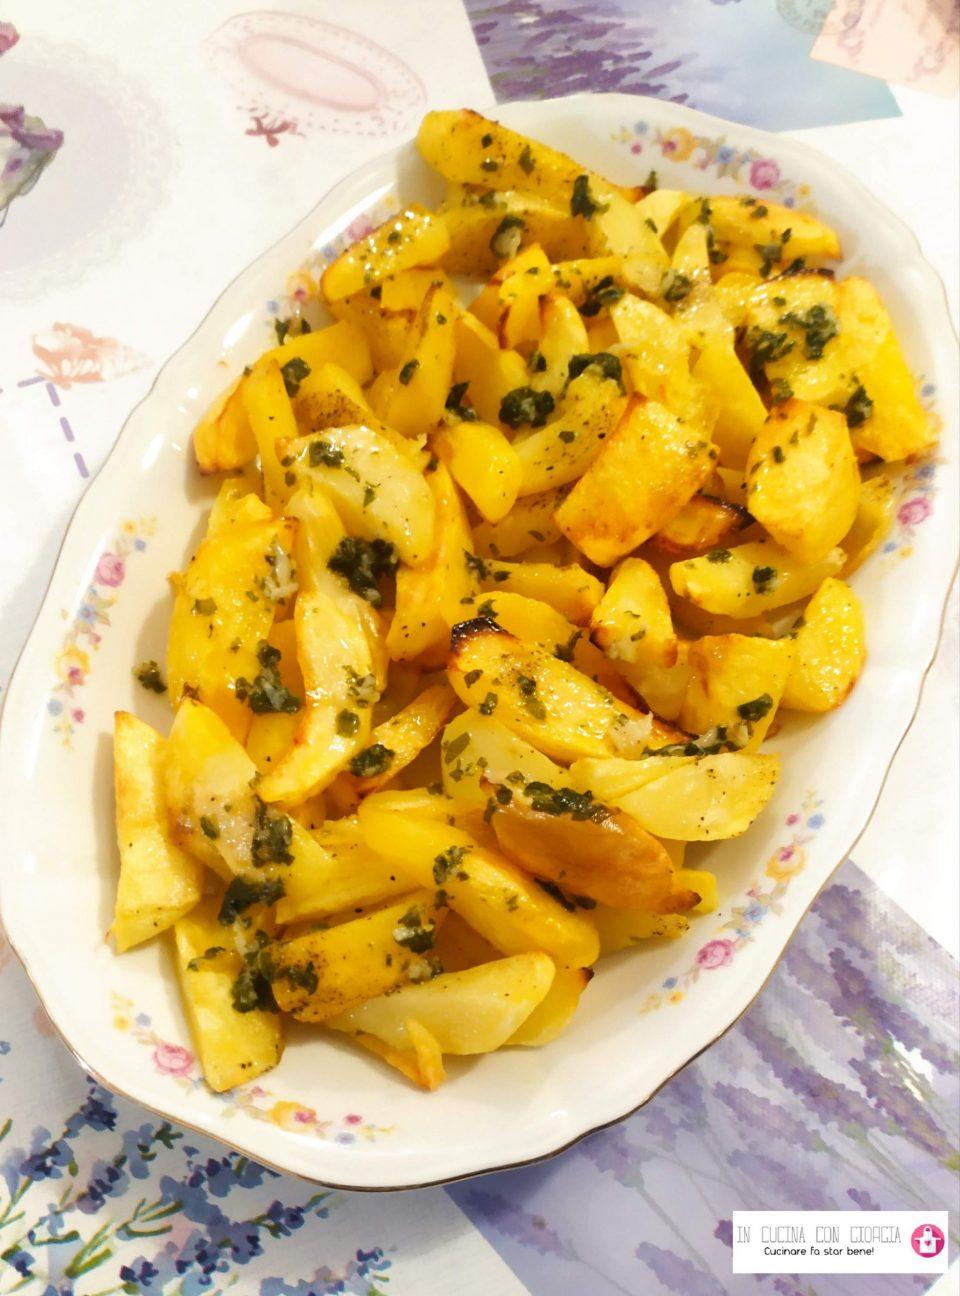 Patate al forno con aglio e prezzemolo